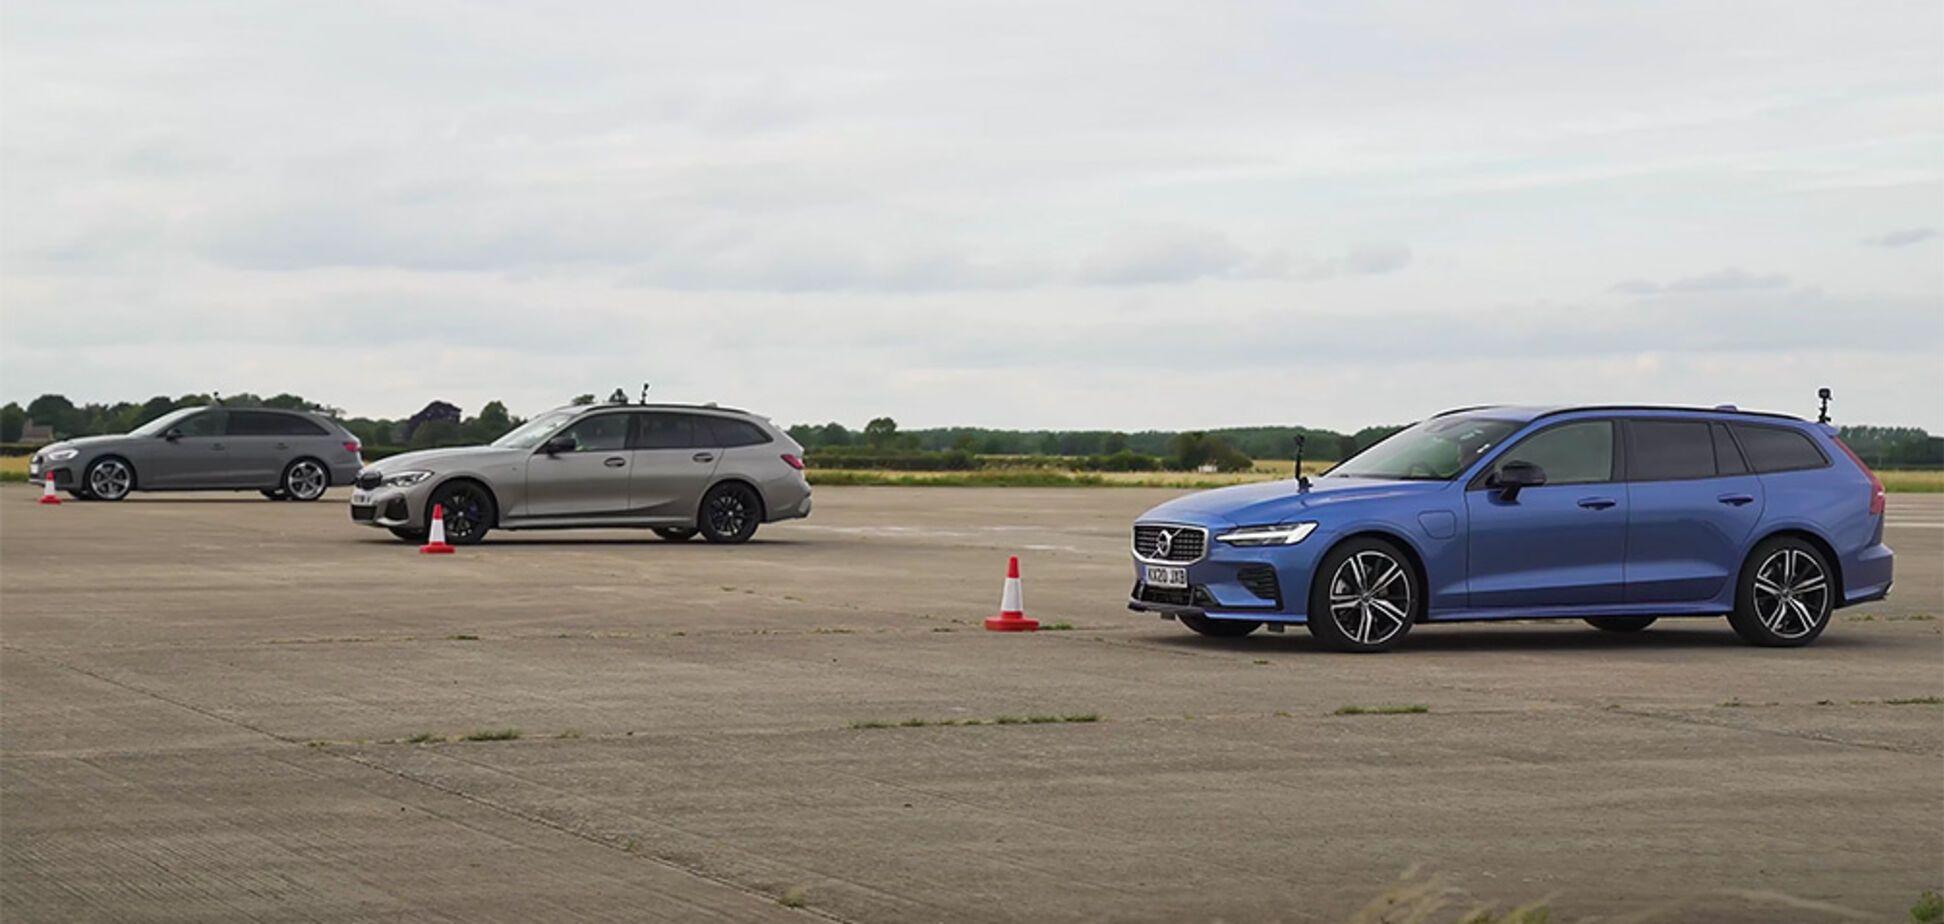 Журналисты сравнили на скорость бензиновое, дизельное и гибридное авто